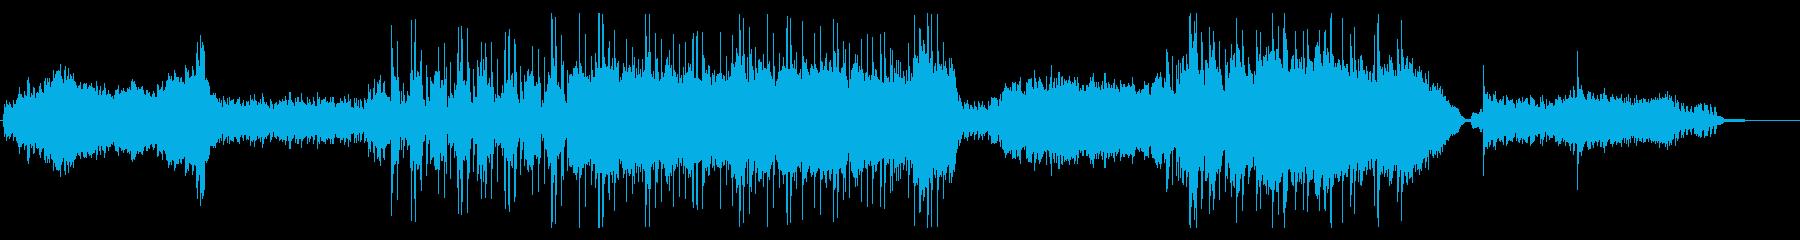 【オーケストラ】切ない気持ちから前向きにの再生済みの波形